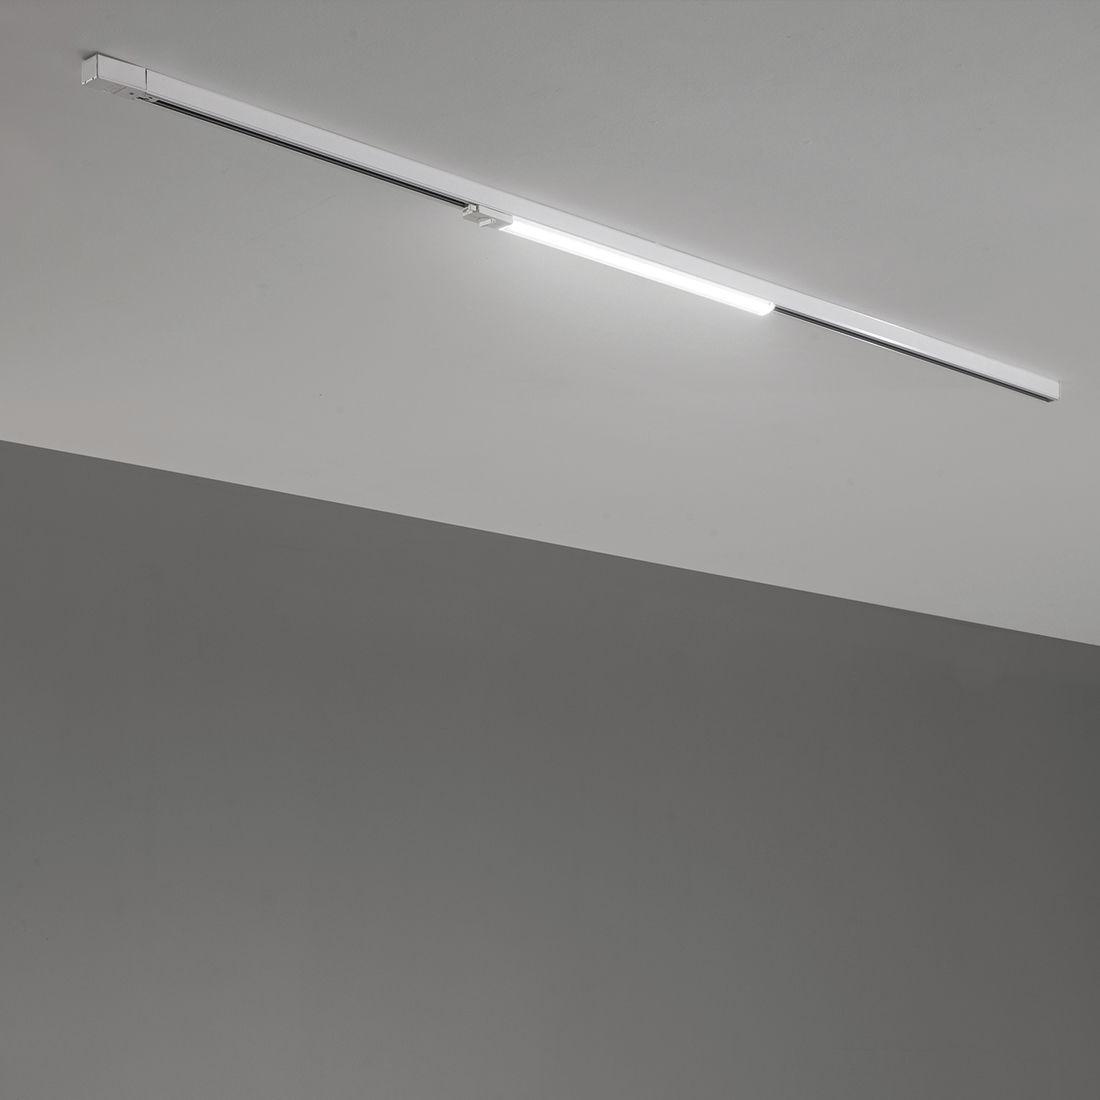 127025 9784309 Résultat Supérieur 15 Inspirant Luminaire Plafond Suspendu Photos 2017 Xzw1